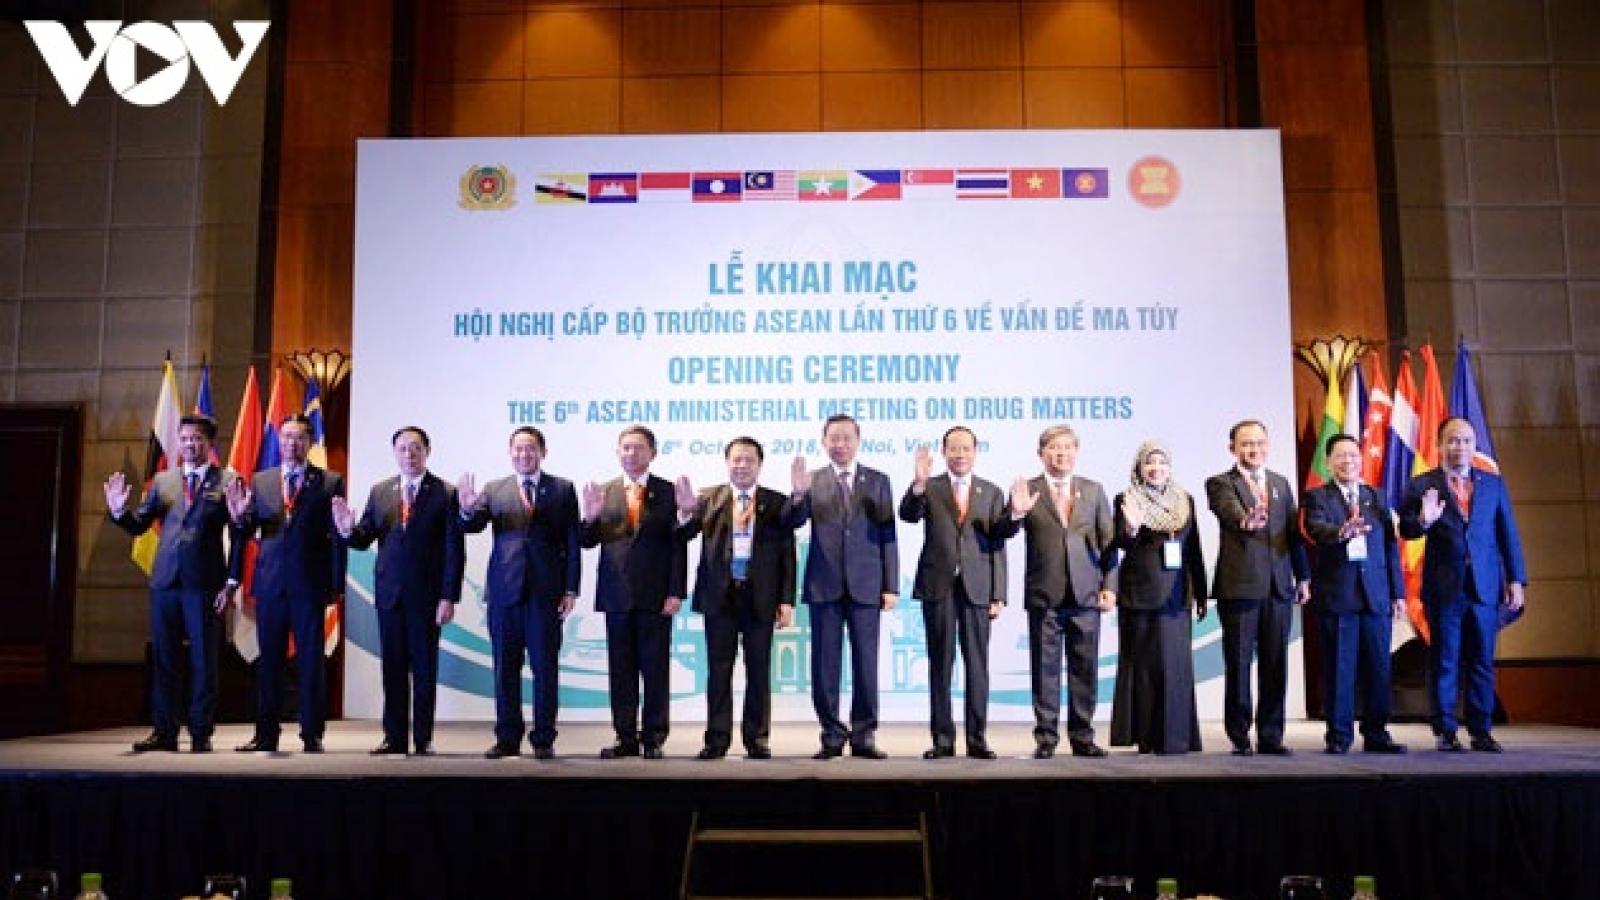 ASEAN bắt giữ hàng trăm tấn ma túy và chất hướng thần mới trong năm 2020